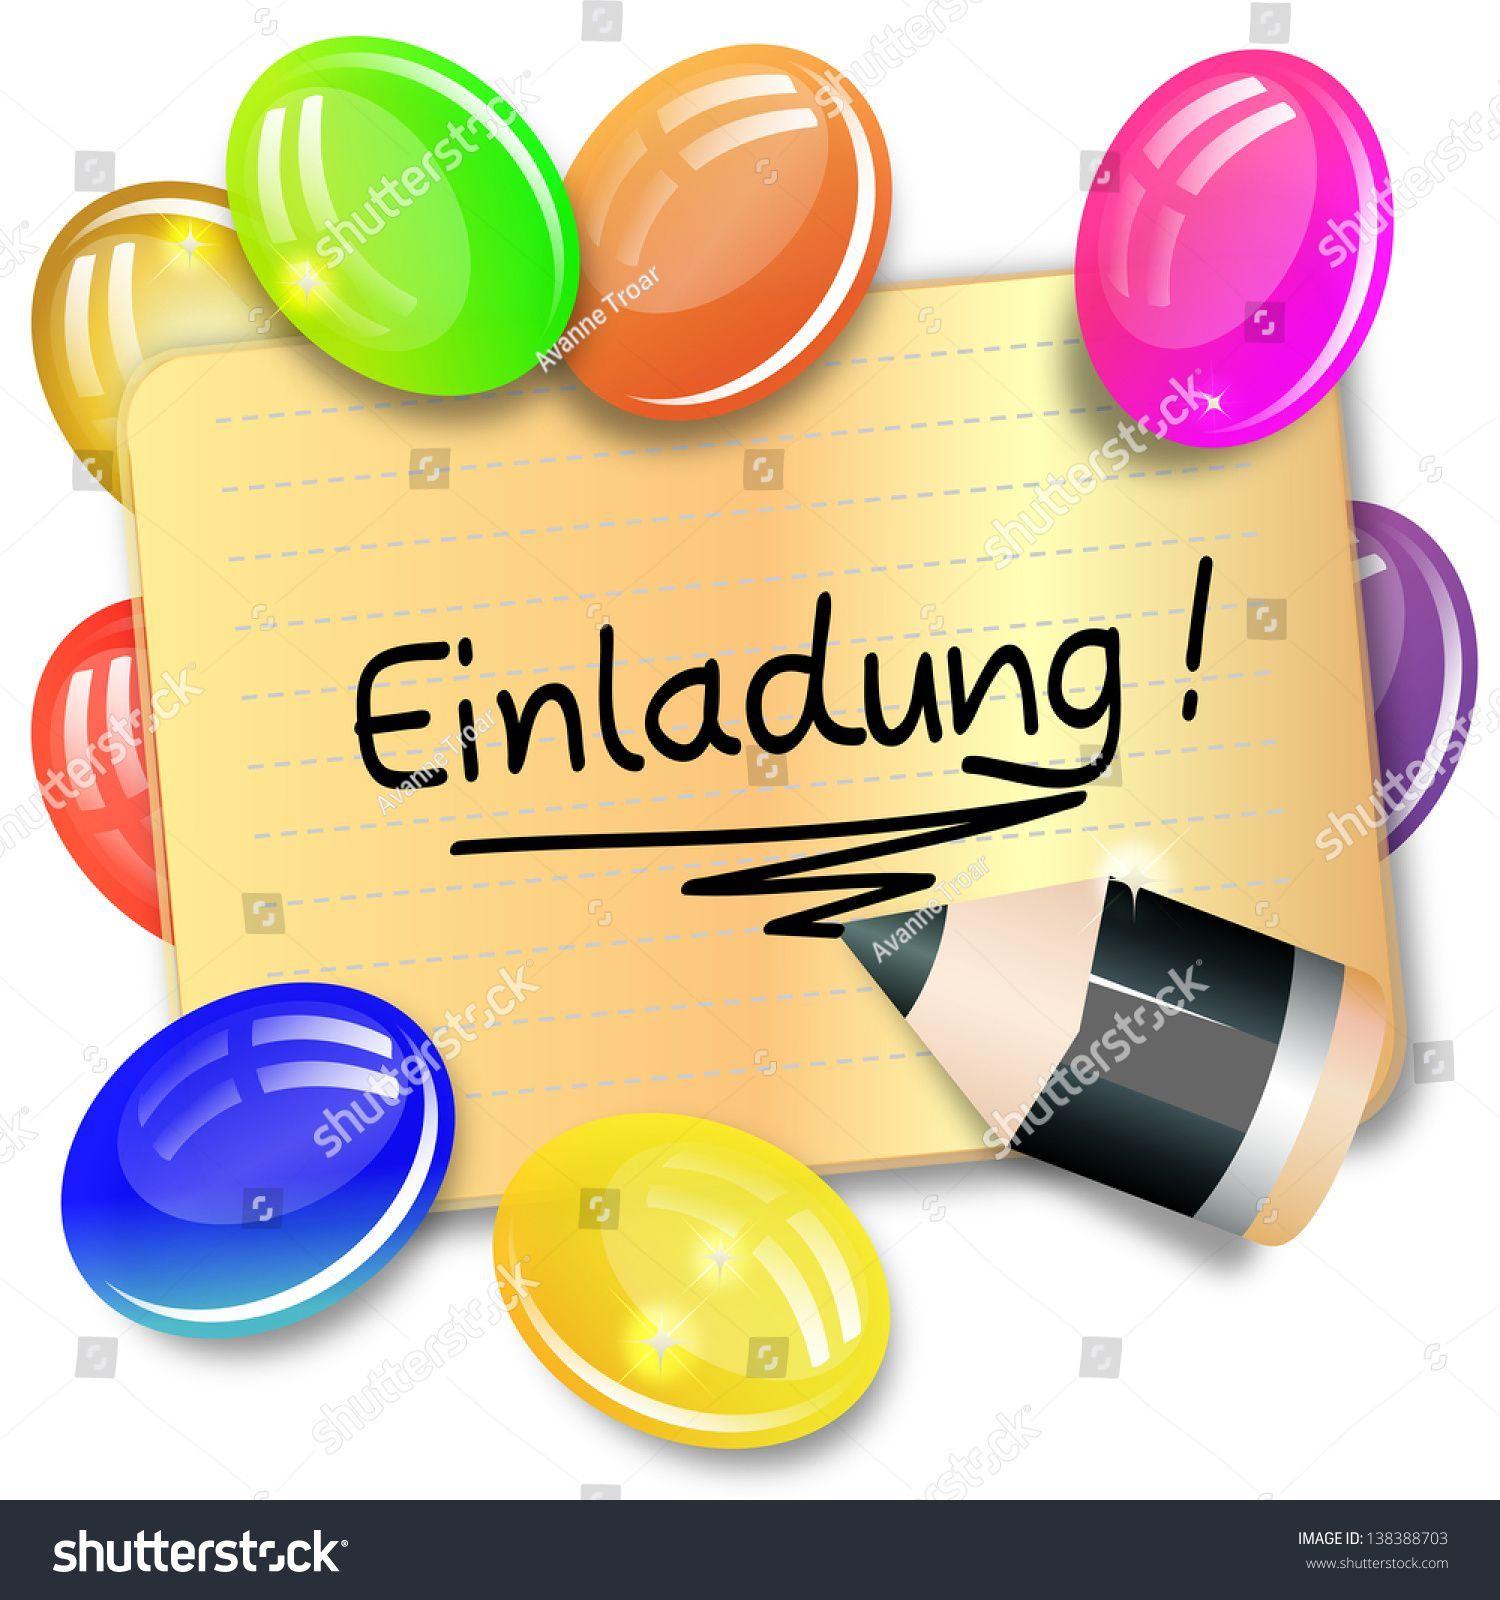 Whatsapp Bilder Einladung Mit Bildern Einladungskarten